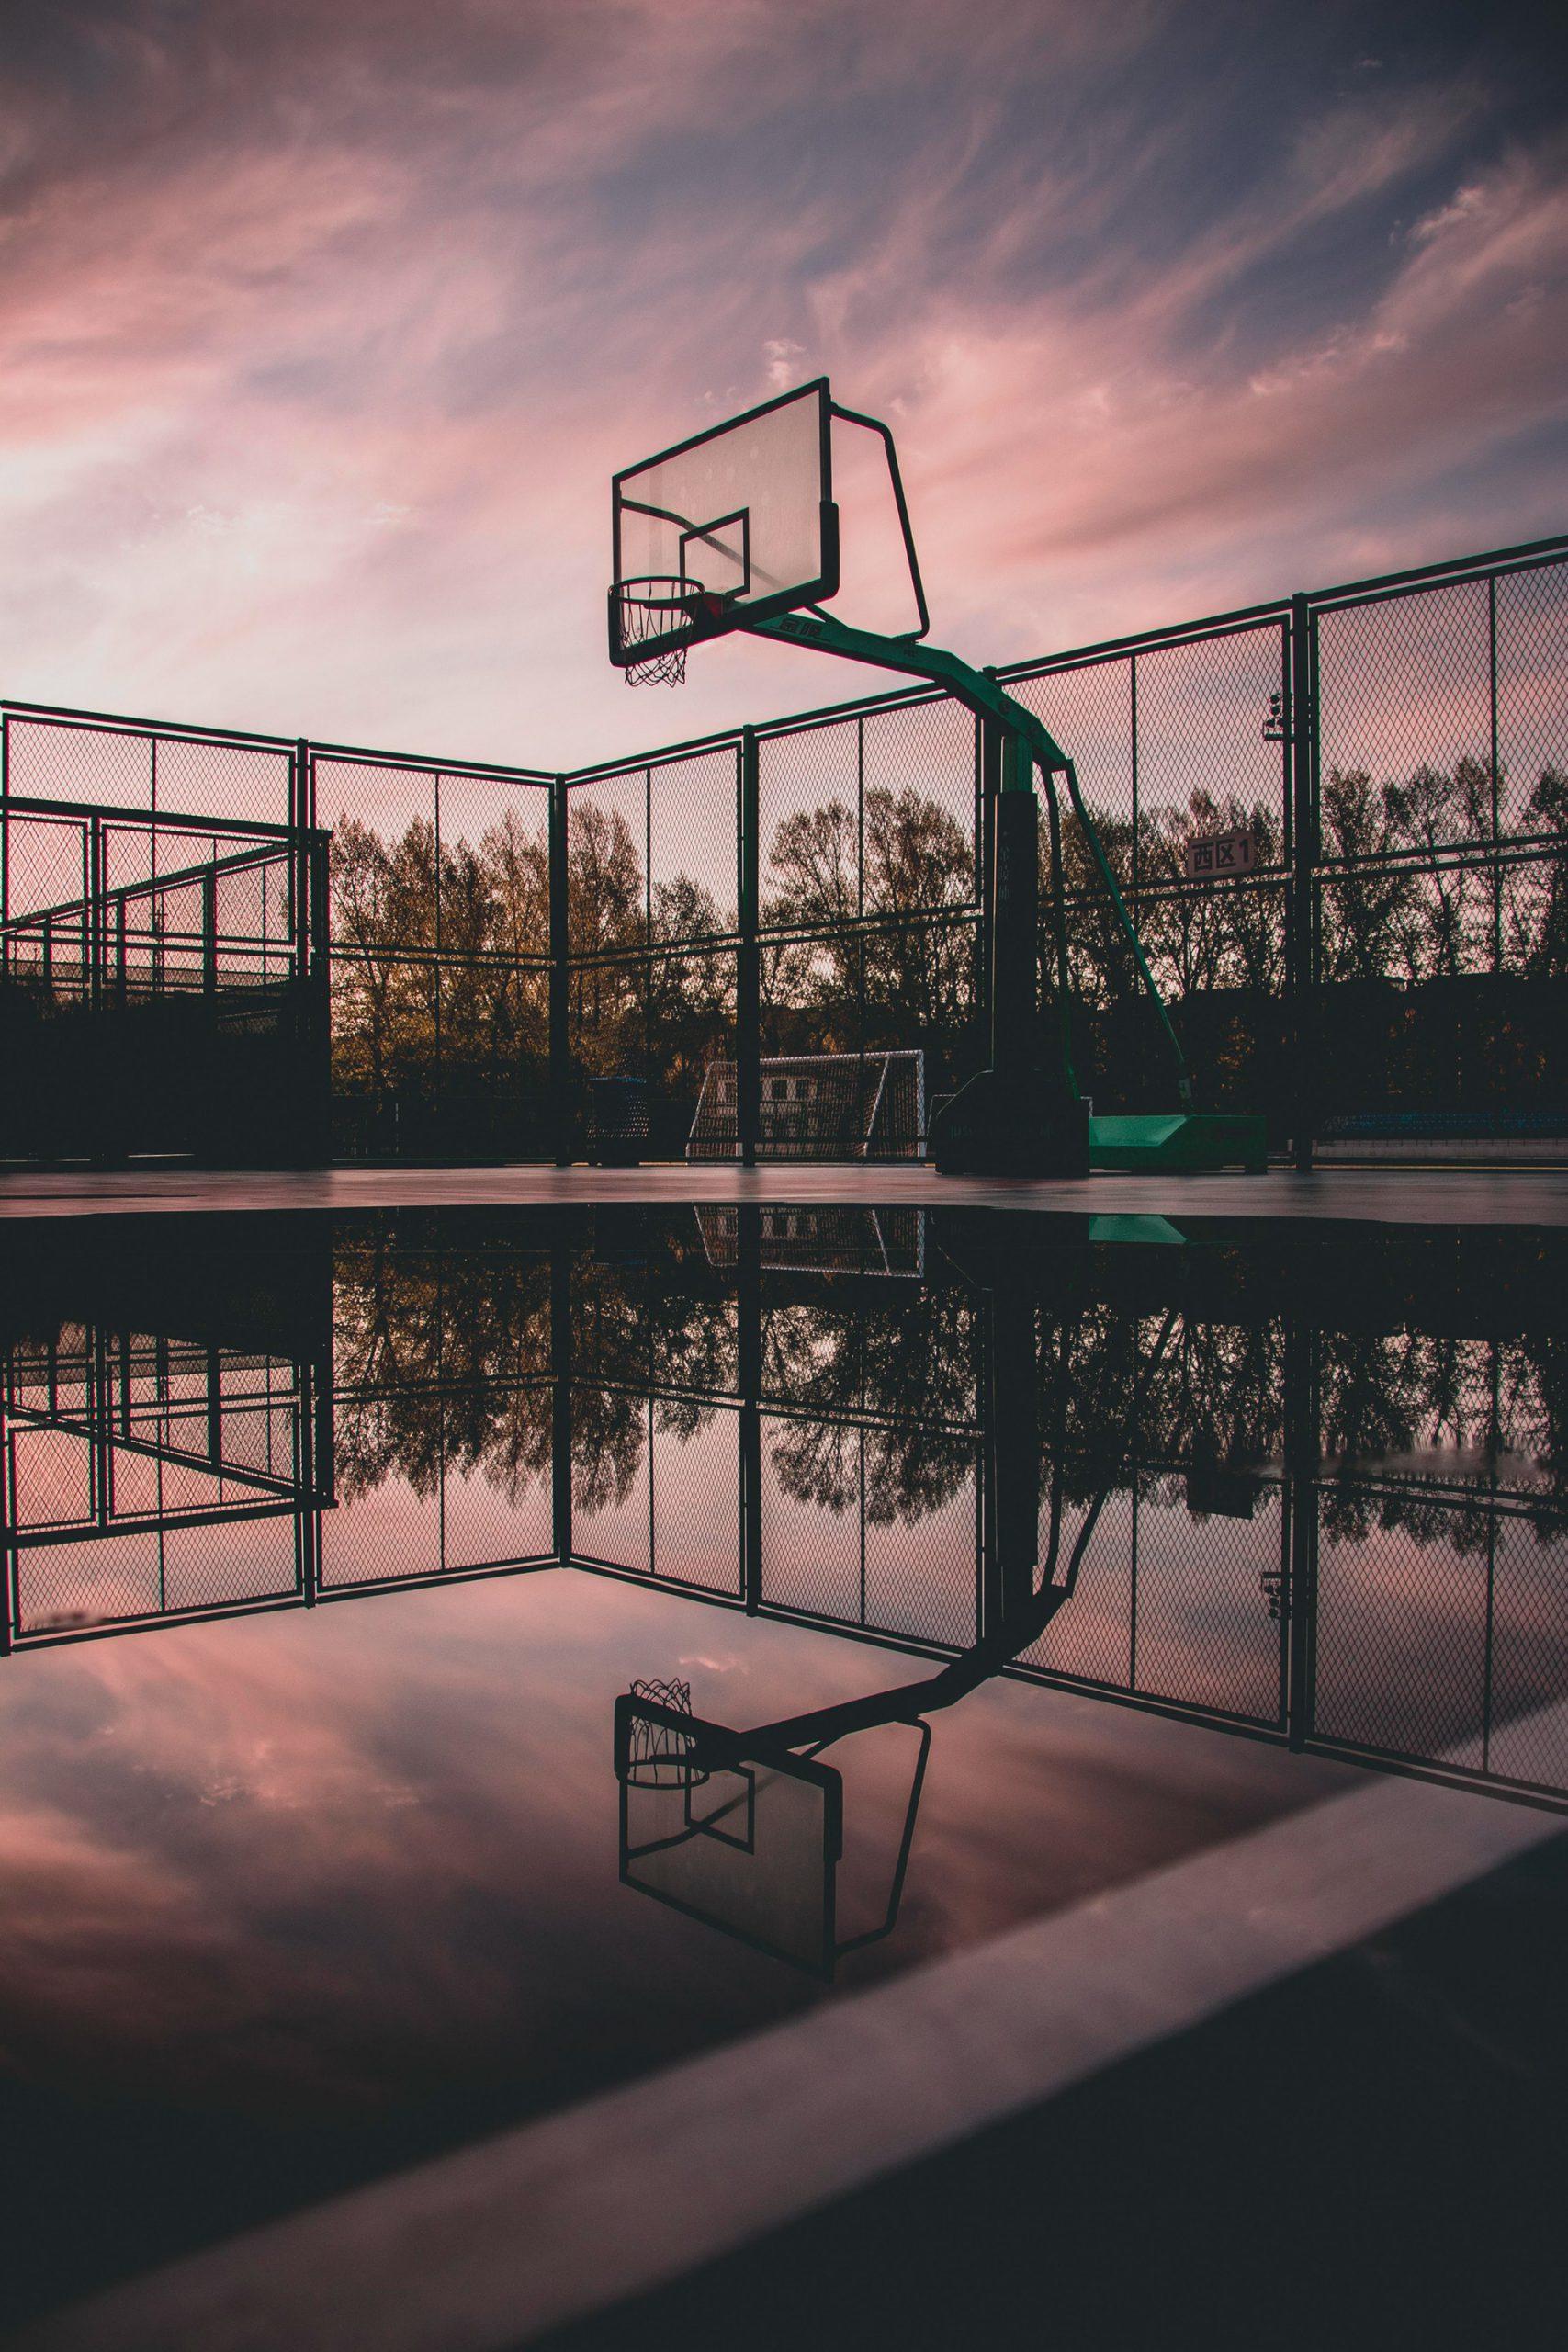 Ảnh sân bóng rổ đẹp và độc